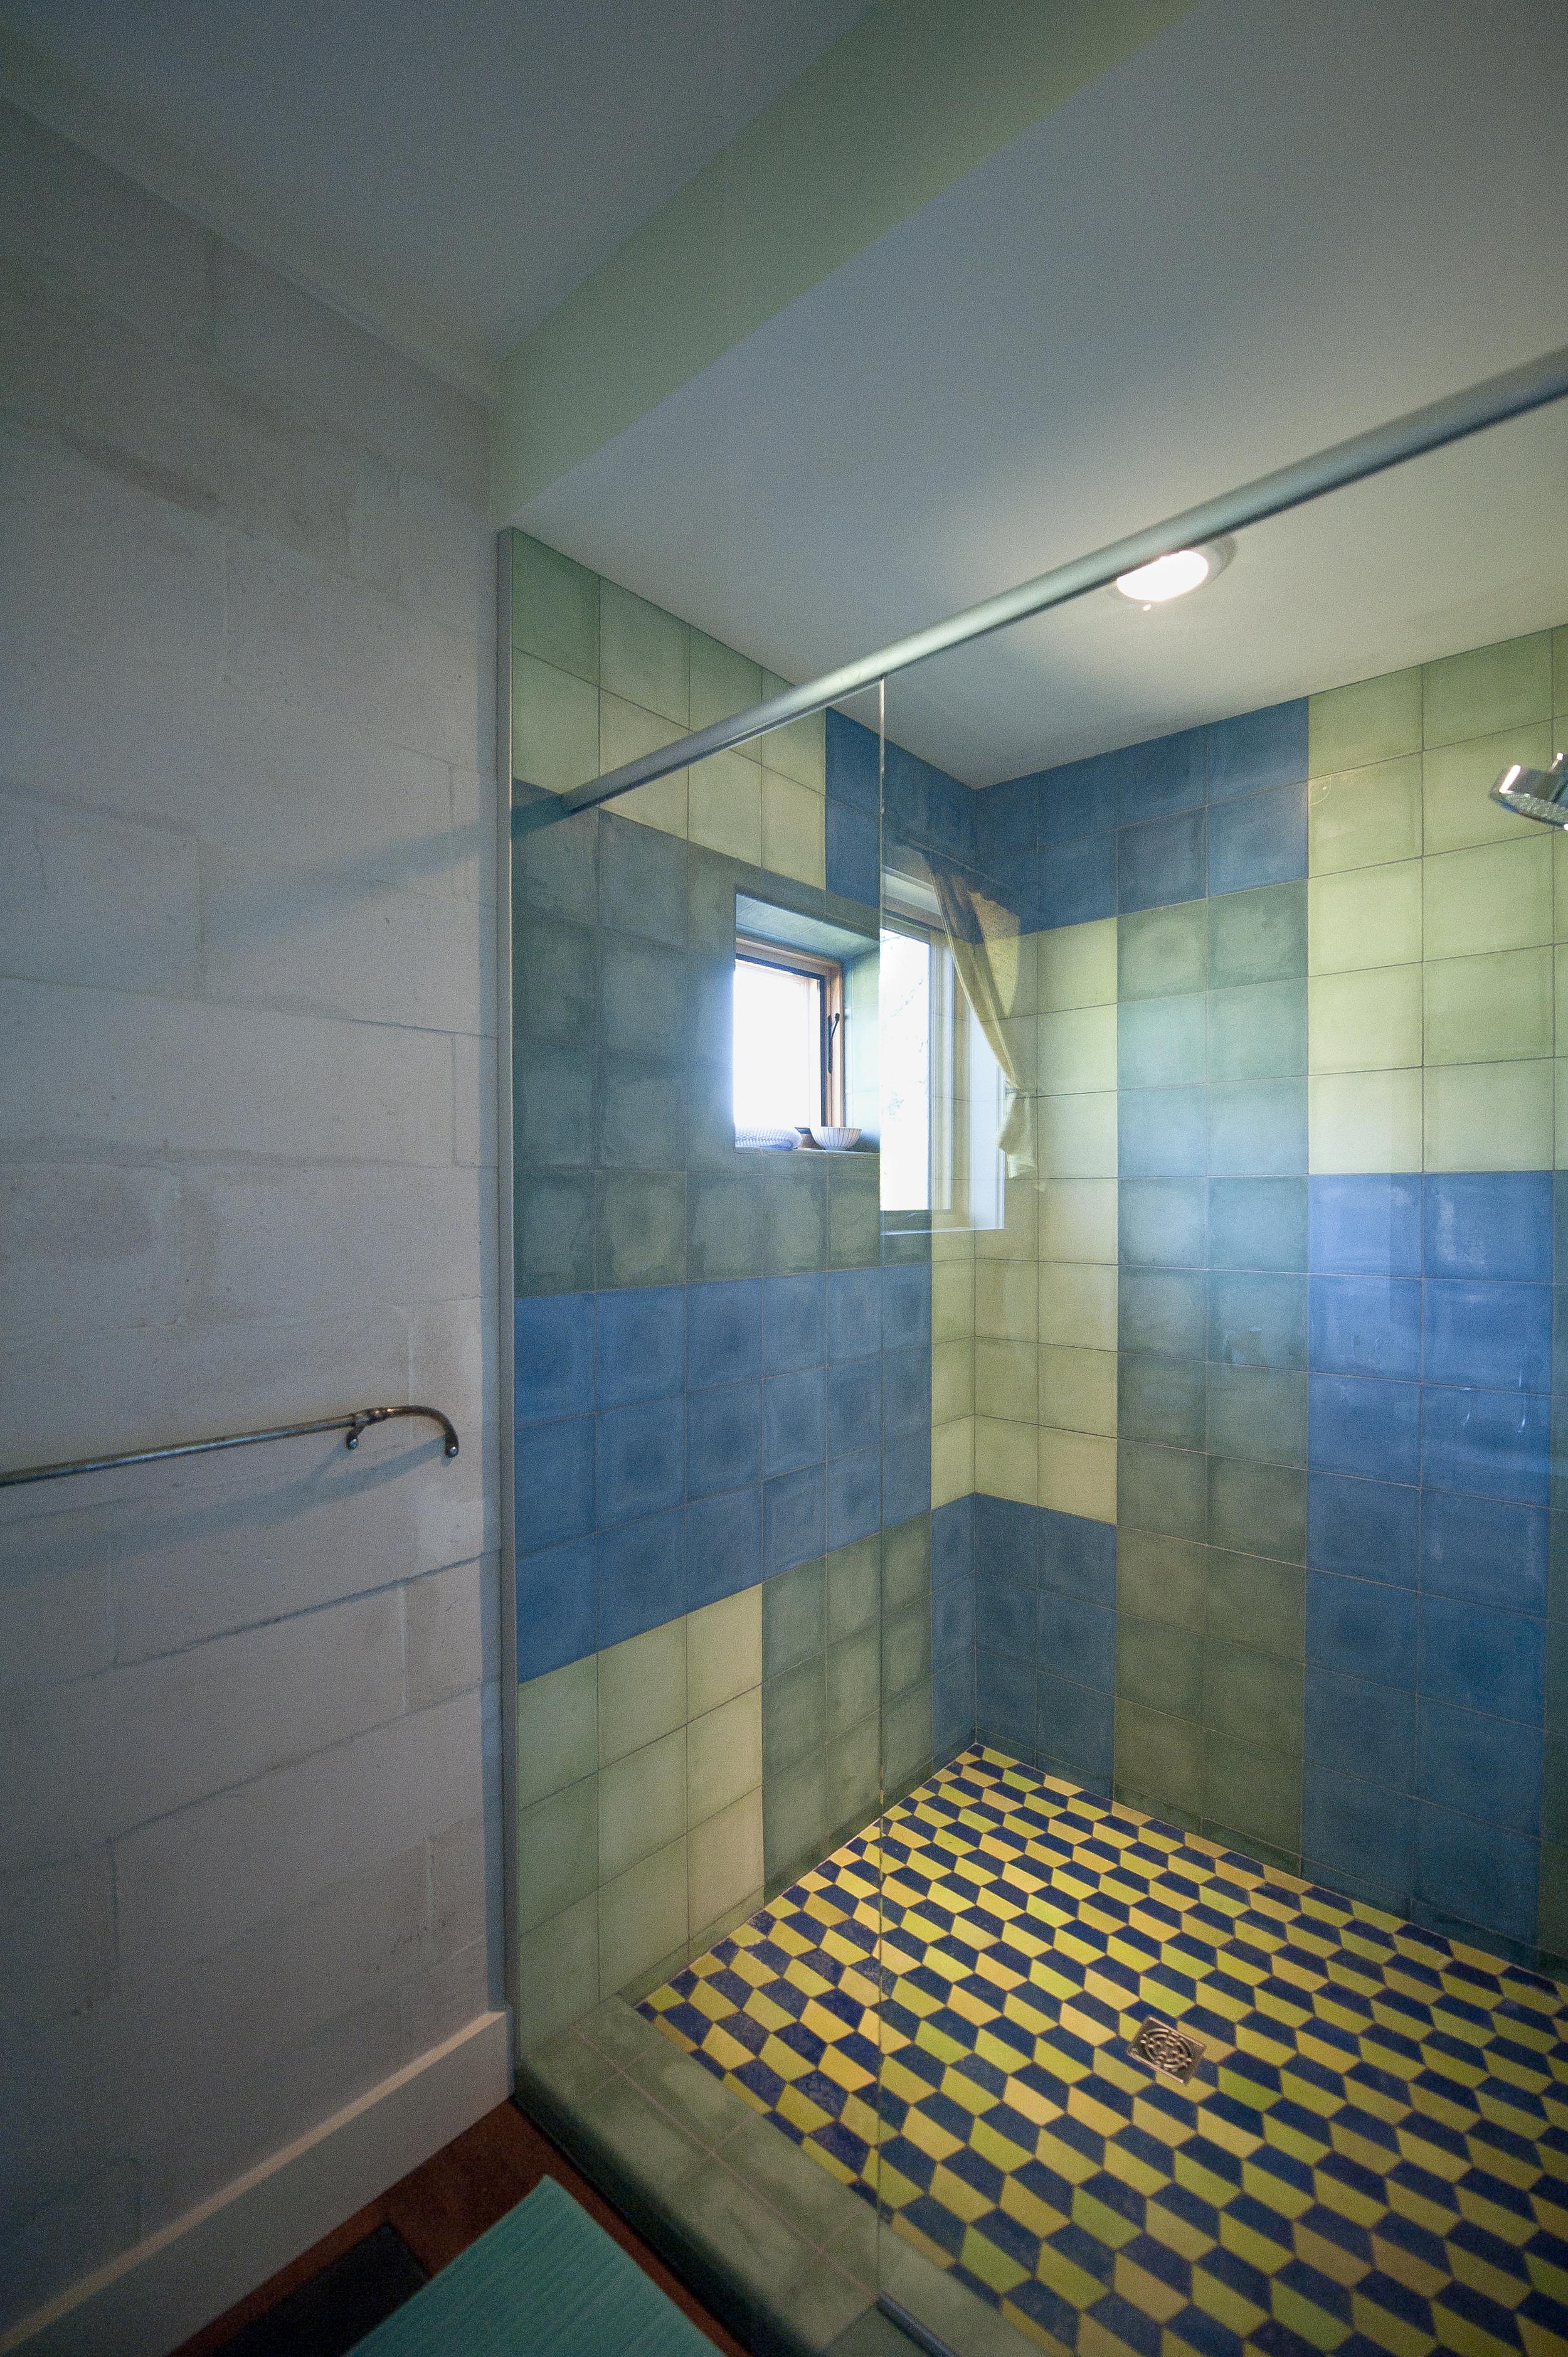 bathroom-shower-tile-detail.jpg